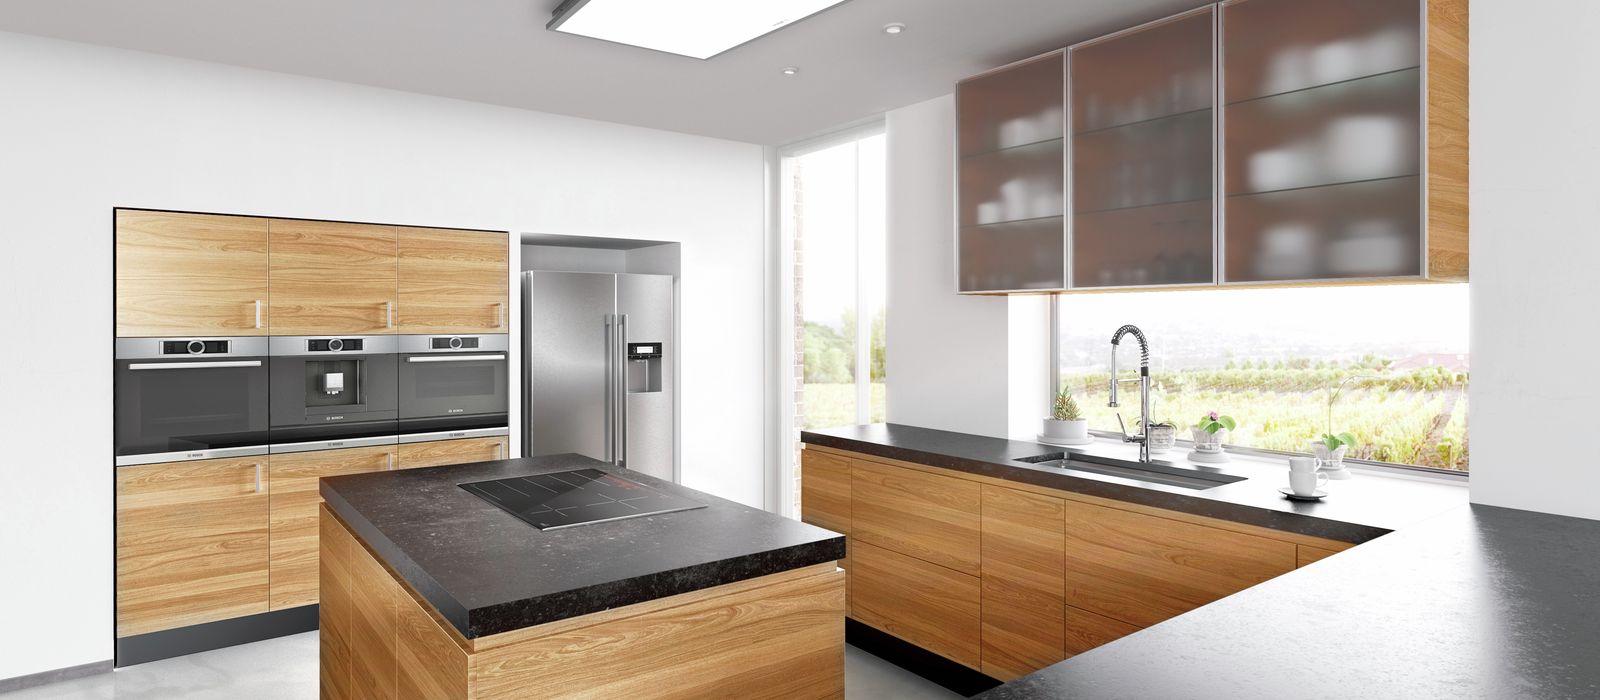 Uberlegen Holz, Glas Oder Gebürsteter Edelstahl? Wählen Sie Die Materialien Für Ihre  Küche Passend Zu Dem Gewünschten Design.